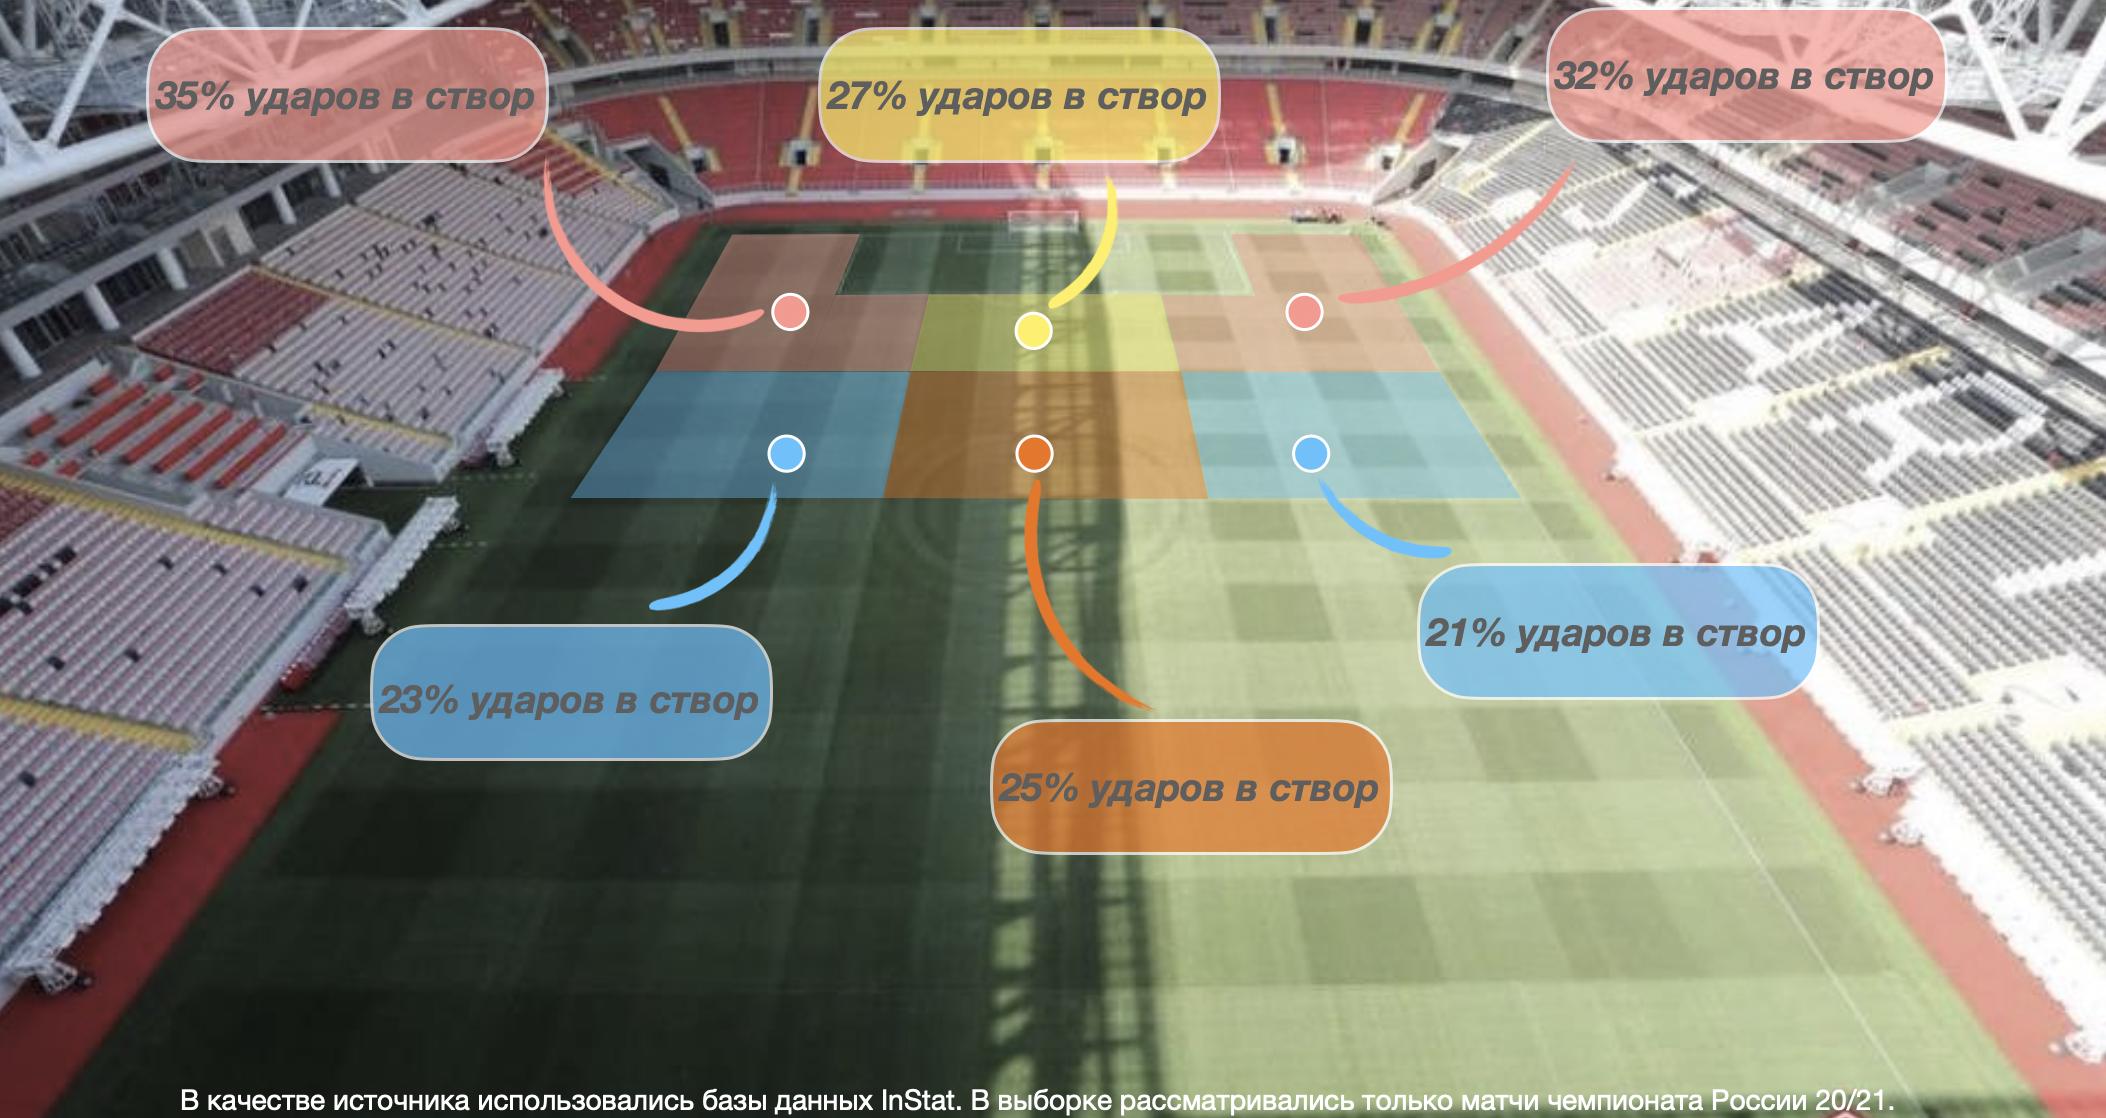 Современный футбол стал слишком рационален для дальних ударов. Трюки из нулевых уже не в моде